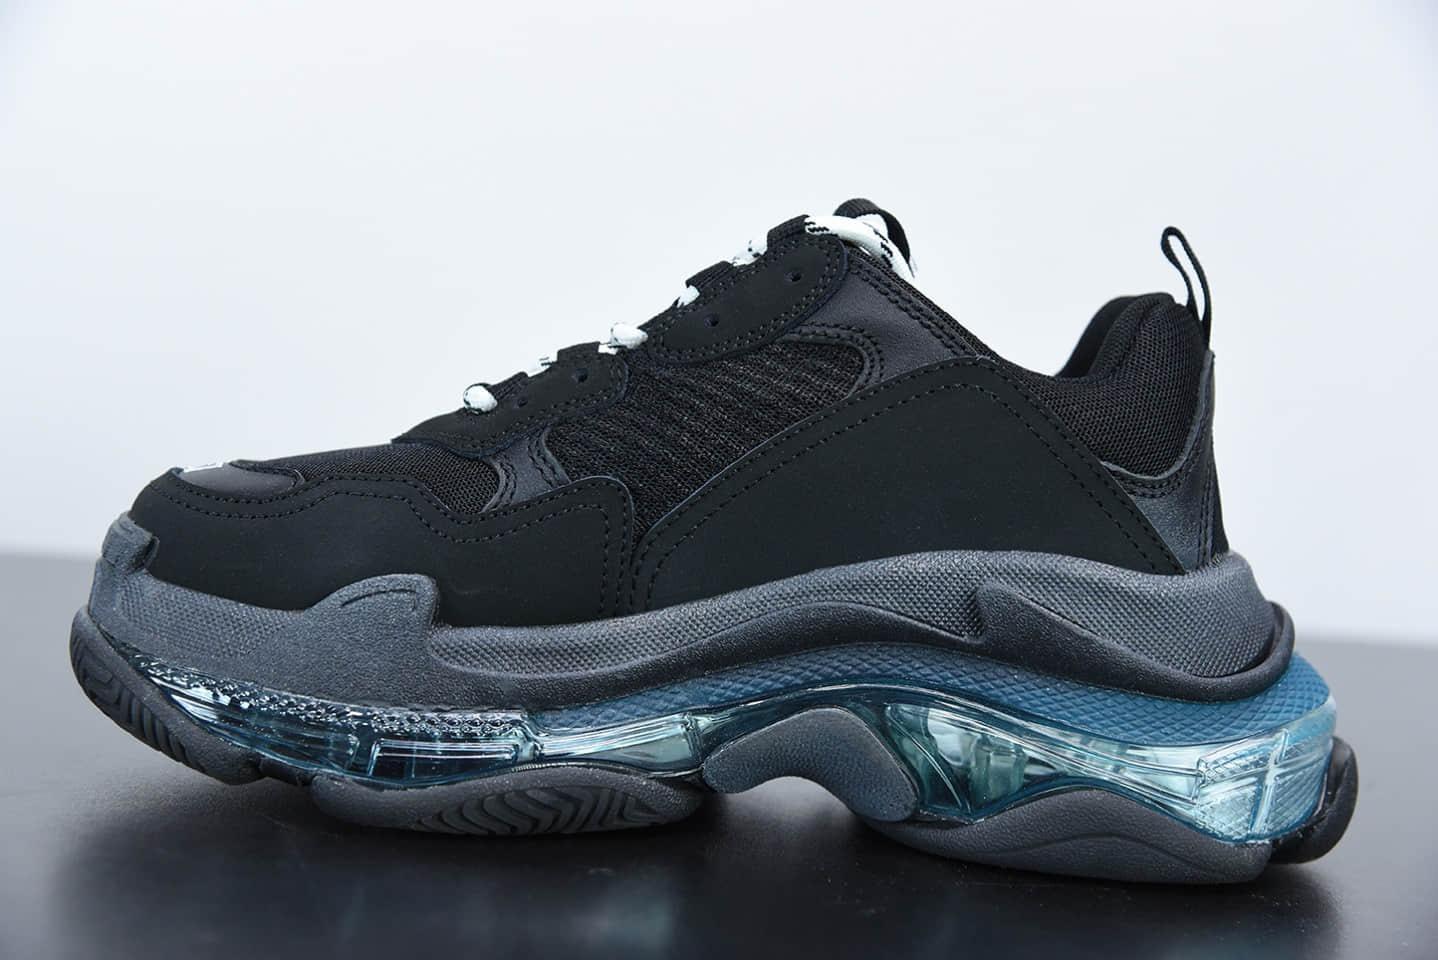 巴黎世家Belenciaga Triple.S黑蓝气垫老爹鞋纯原版本 货号:544351 W09E1 9025